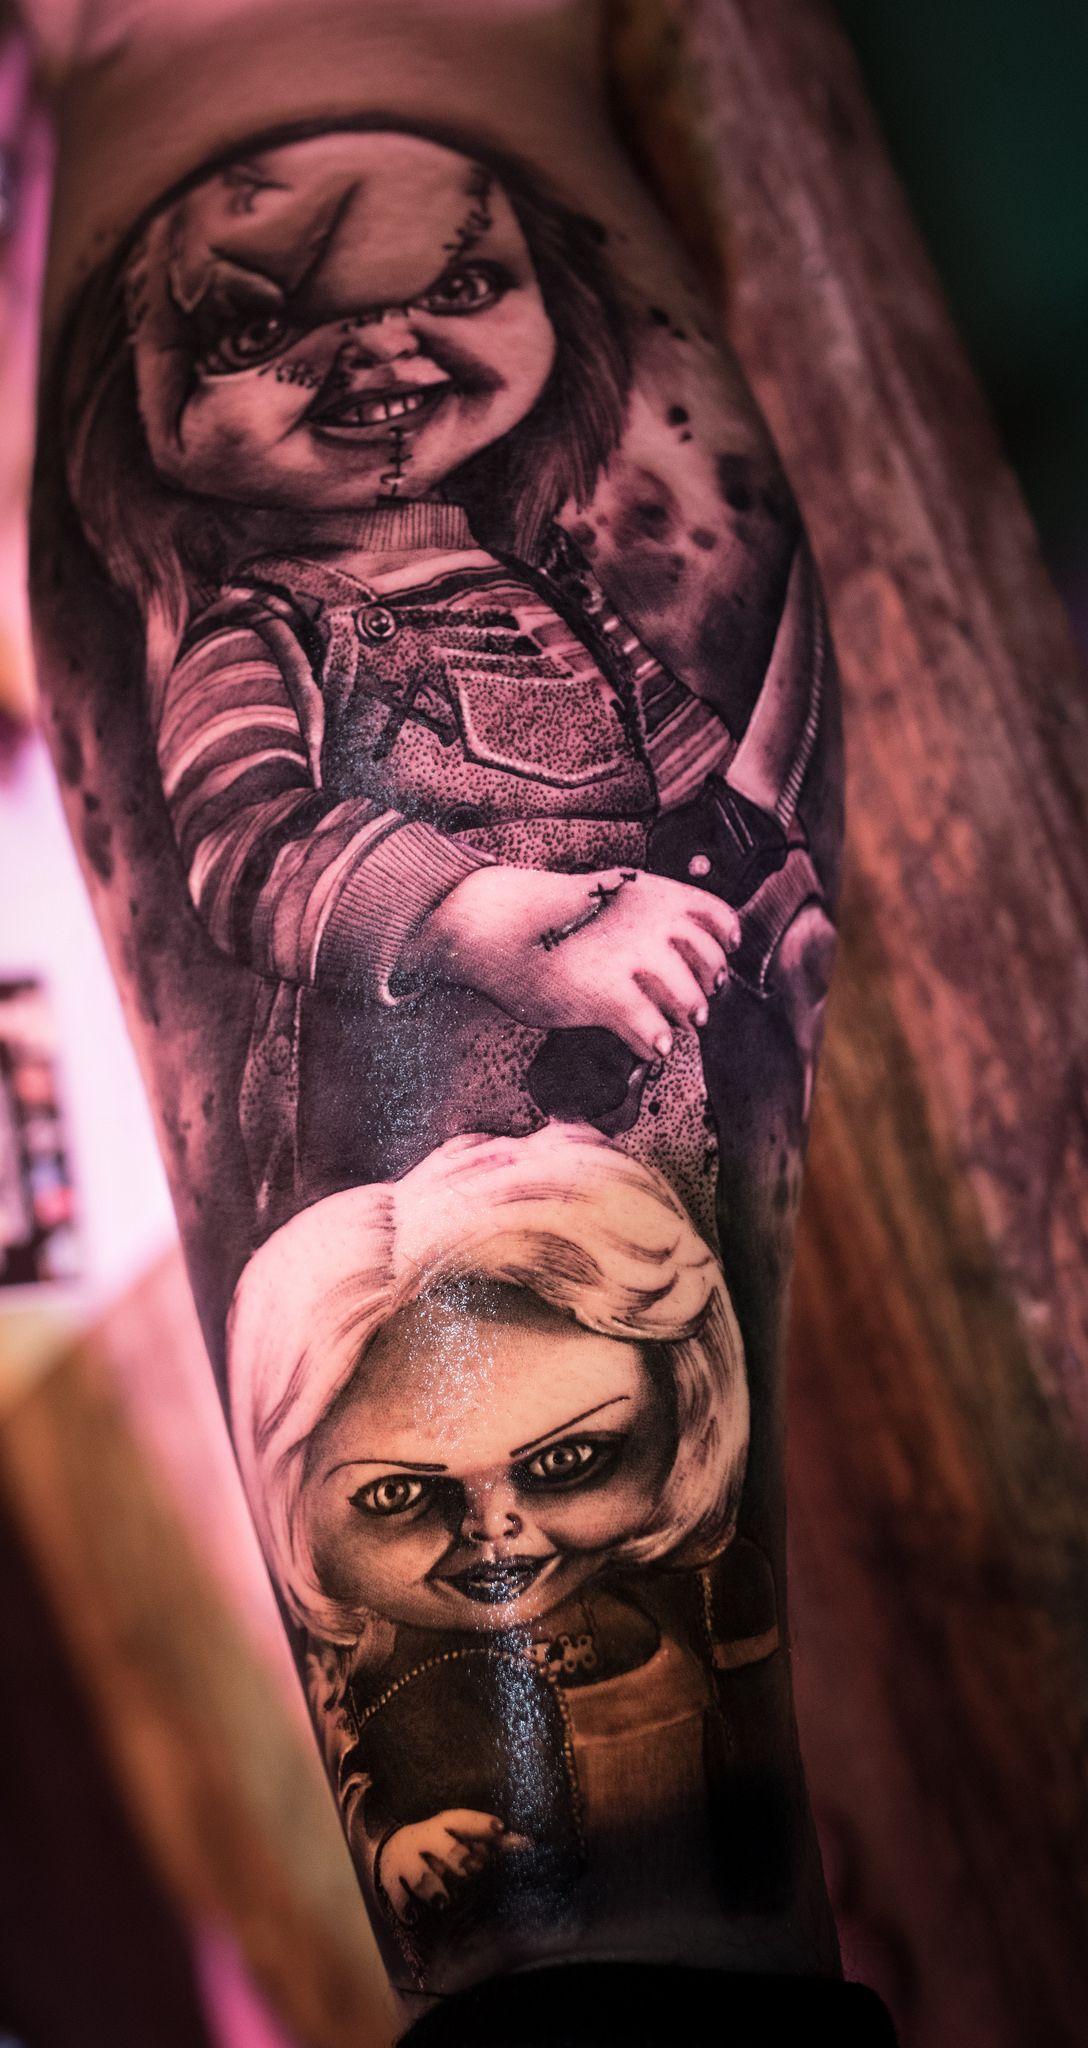 all saints tattoo3 All Saints Tattoo Show in Church